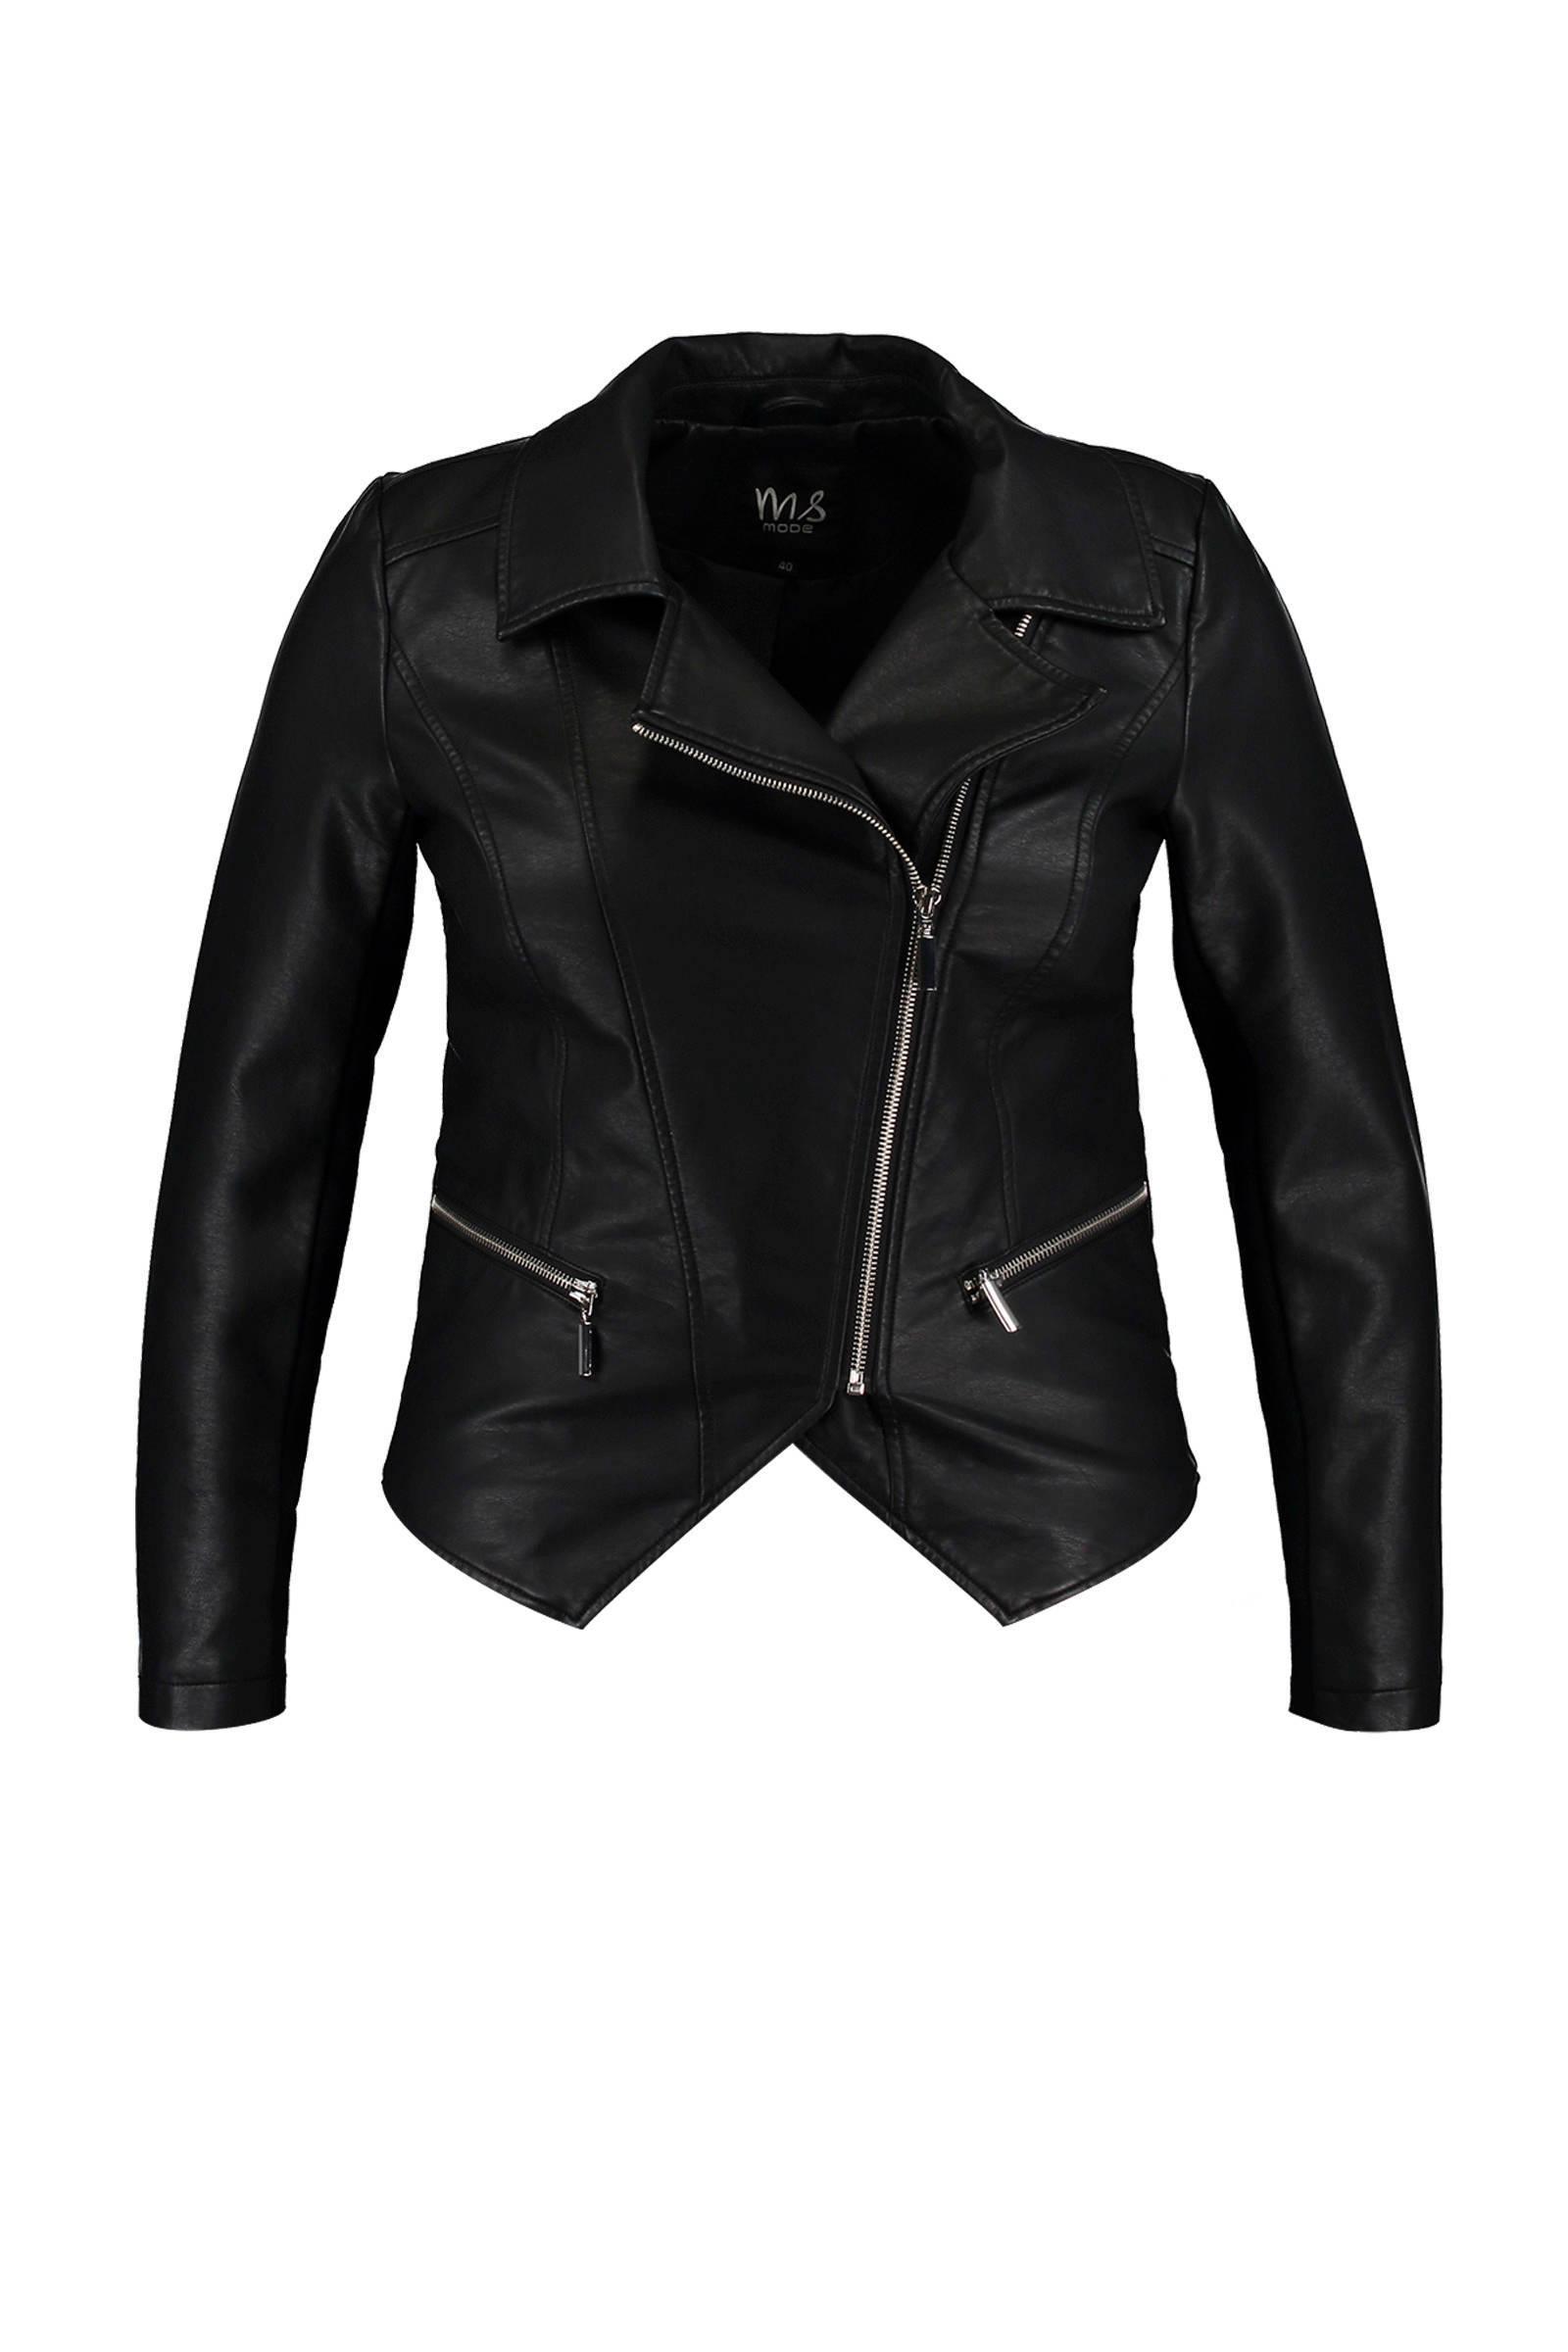 kort zwart jasje dames